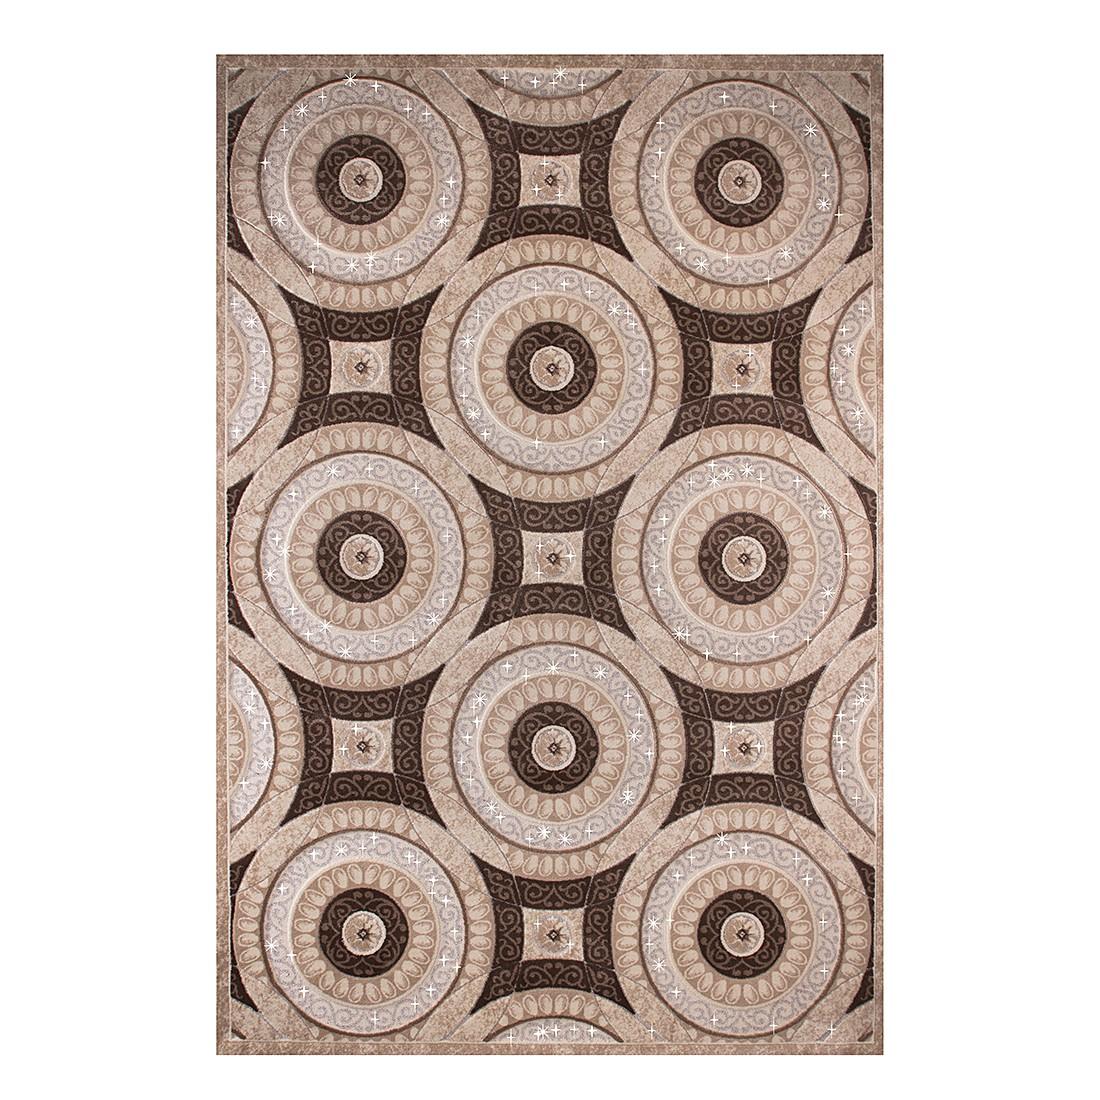 Teppich Cairo – Beige – 200 x 290 cm, Kayoom günstig